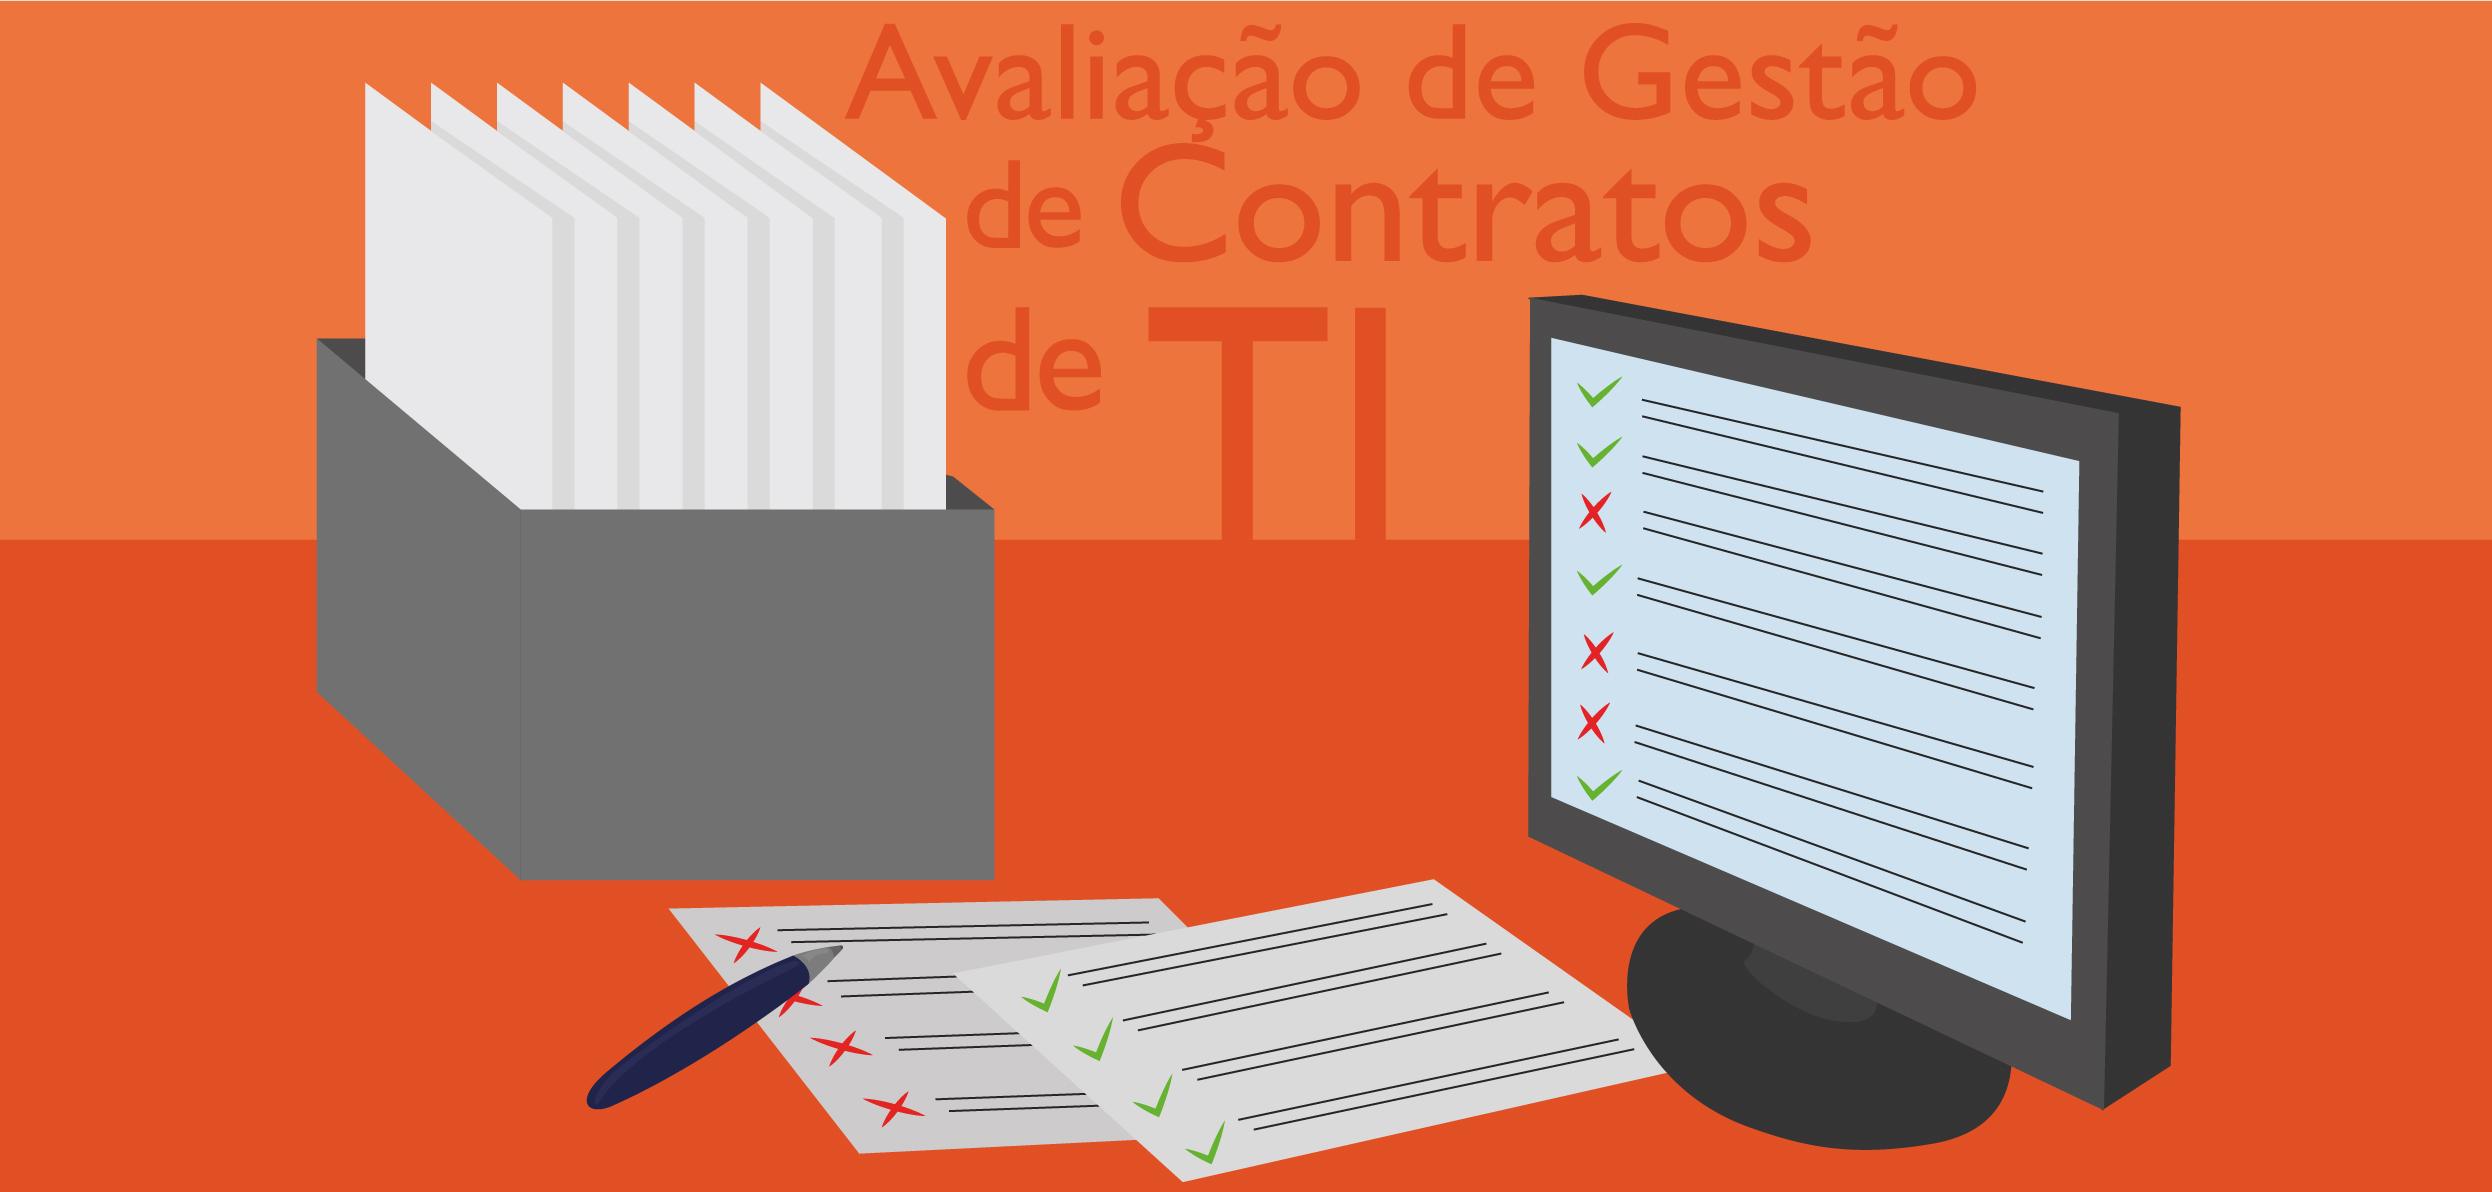 Avaliação de gestão de contratos em TI